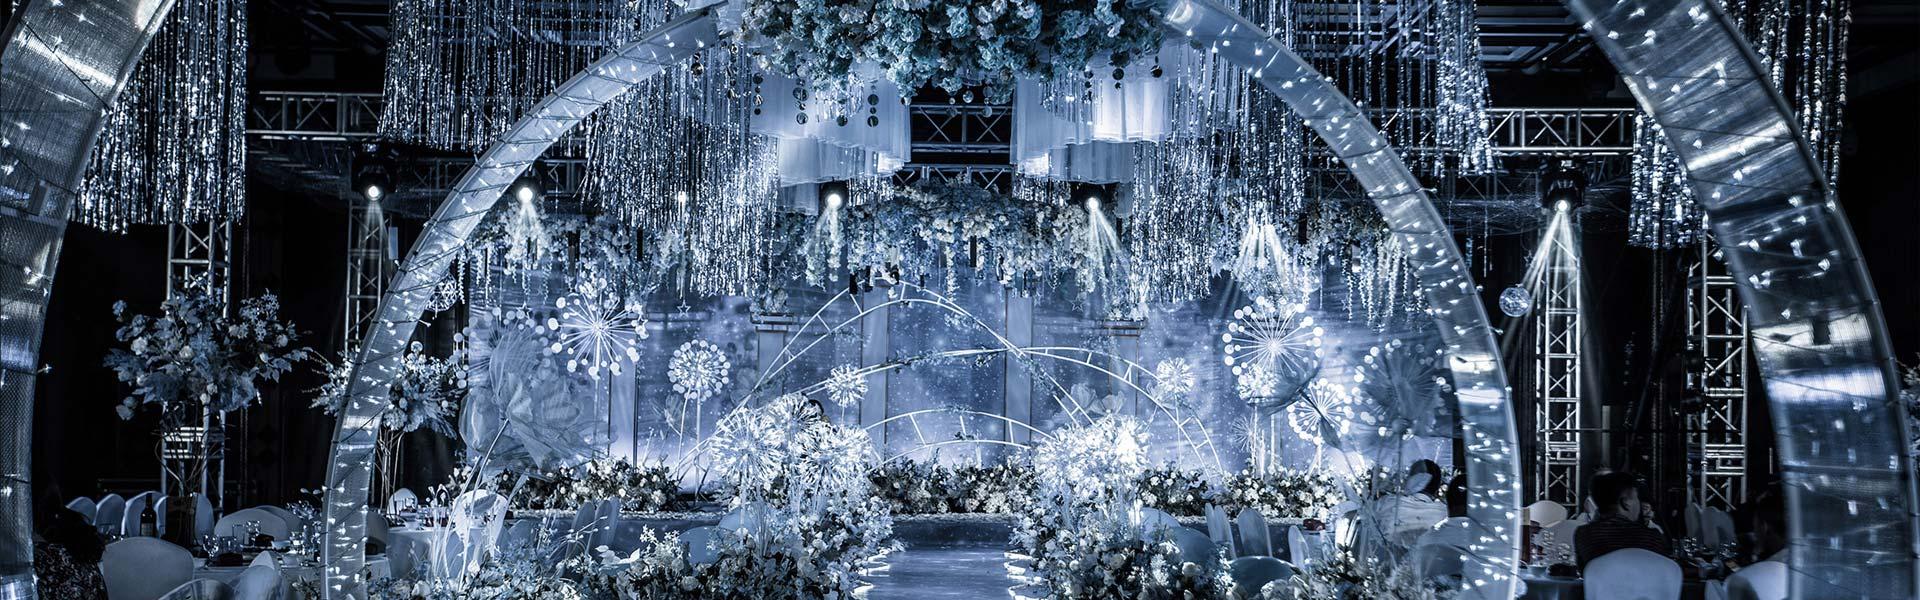 长沙婚庆策划案例:最美婚礼 第10期 | 河南 郑州